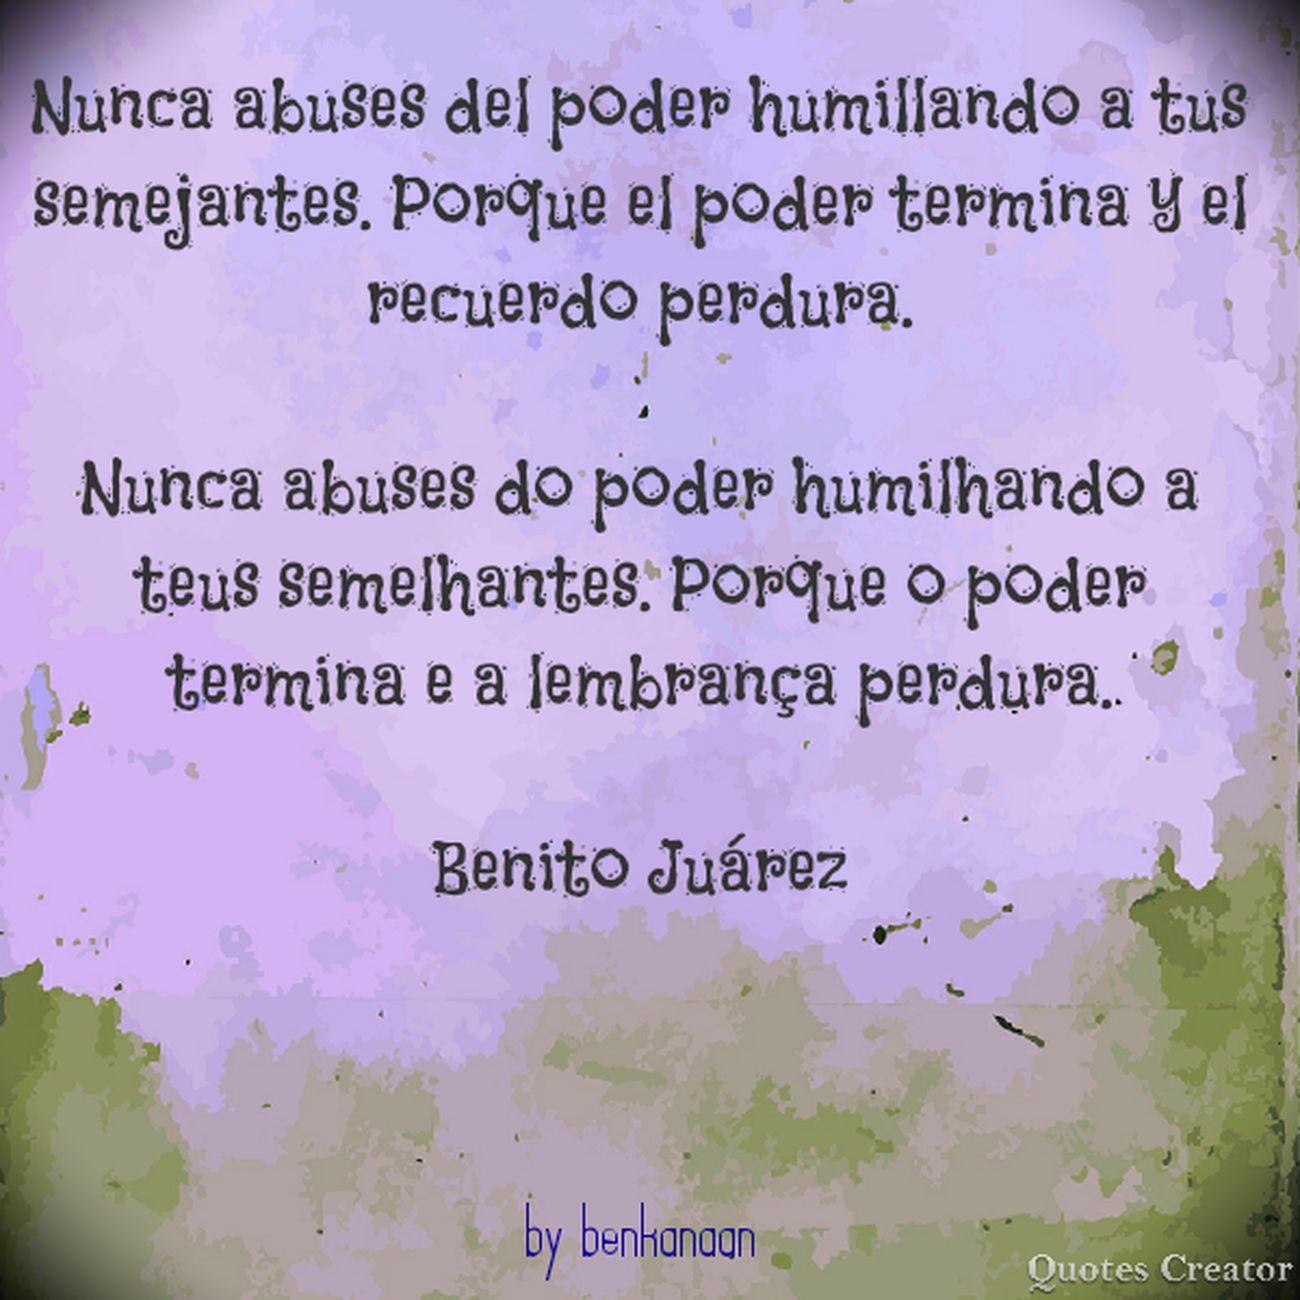 Brasil Brazil Pensamiento De Vida Quote Quotes Text Citação Quotes To Inspire Citaĵoj Cita Frase Citações Citazionifamose